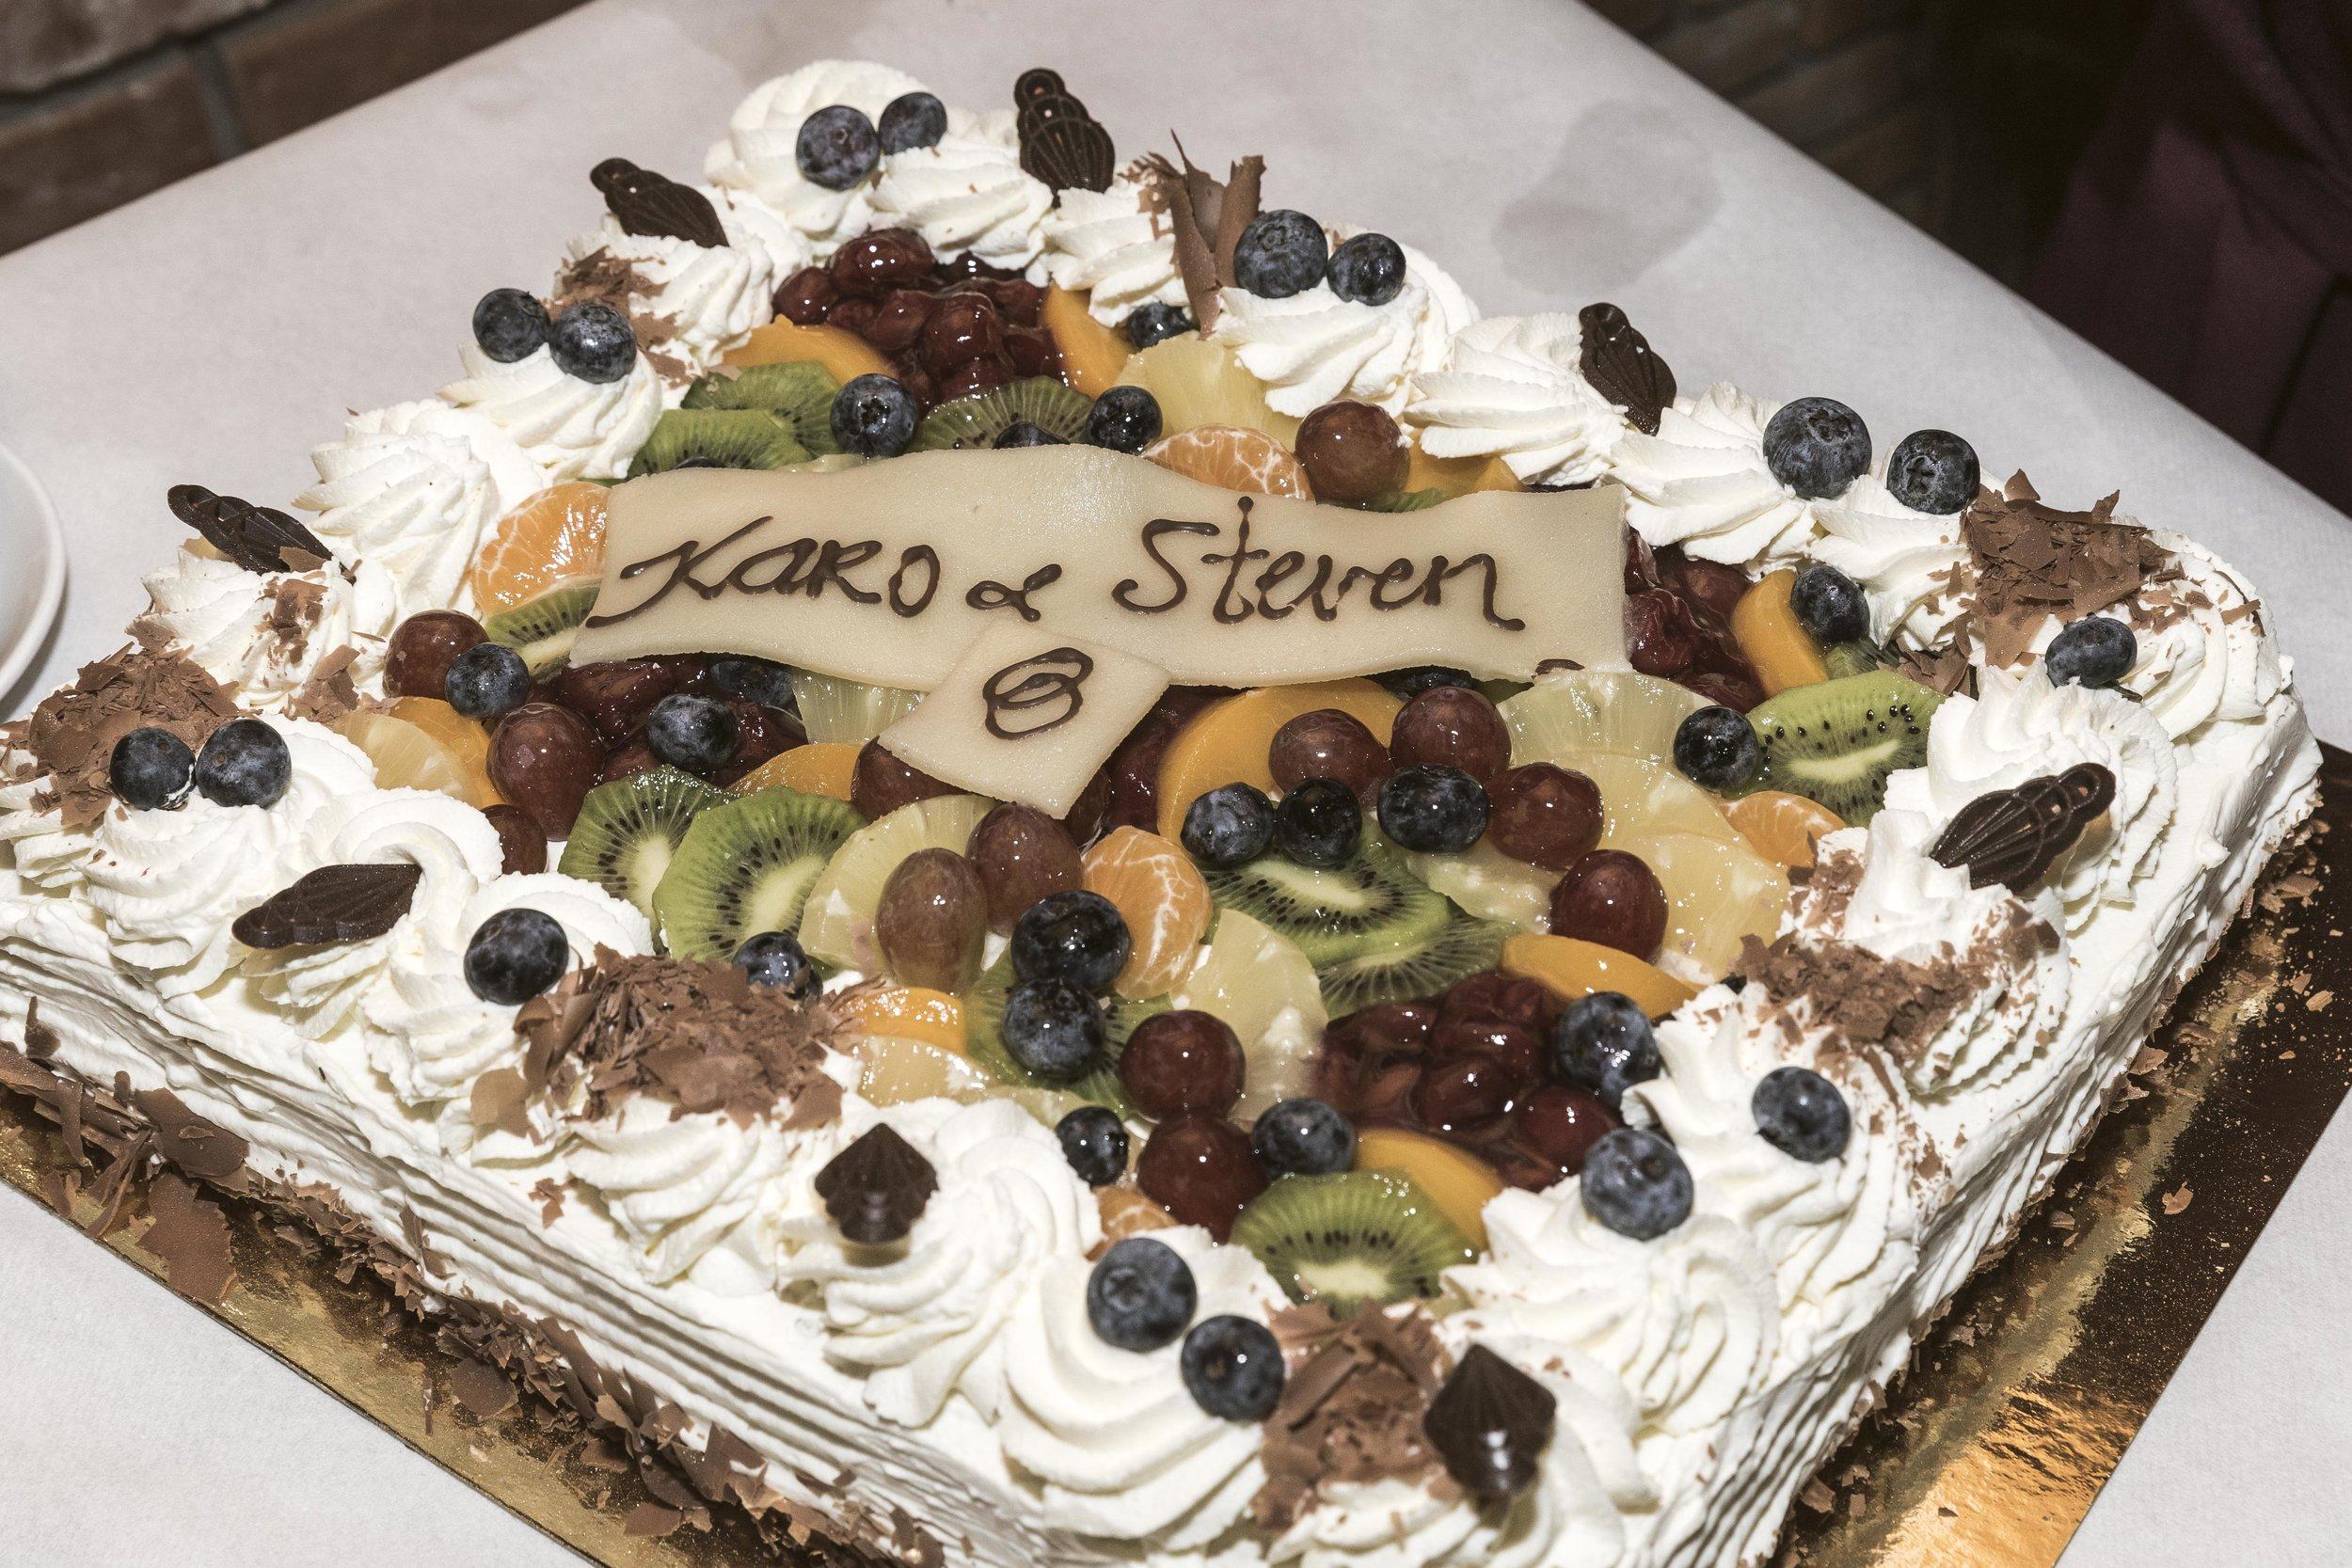 Huwelijk-Karo-Steven-20171216-Alexis-Breugelmans-049.jpg